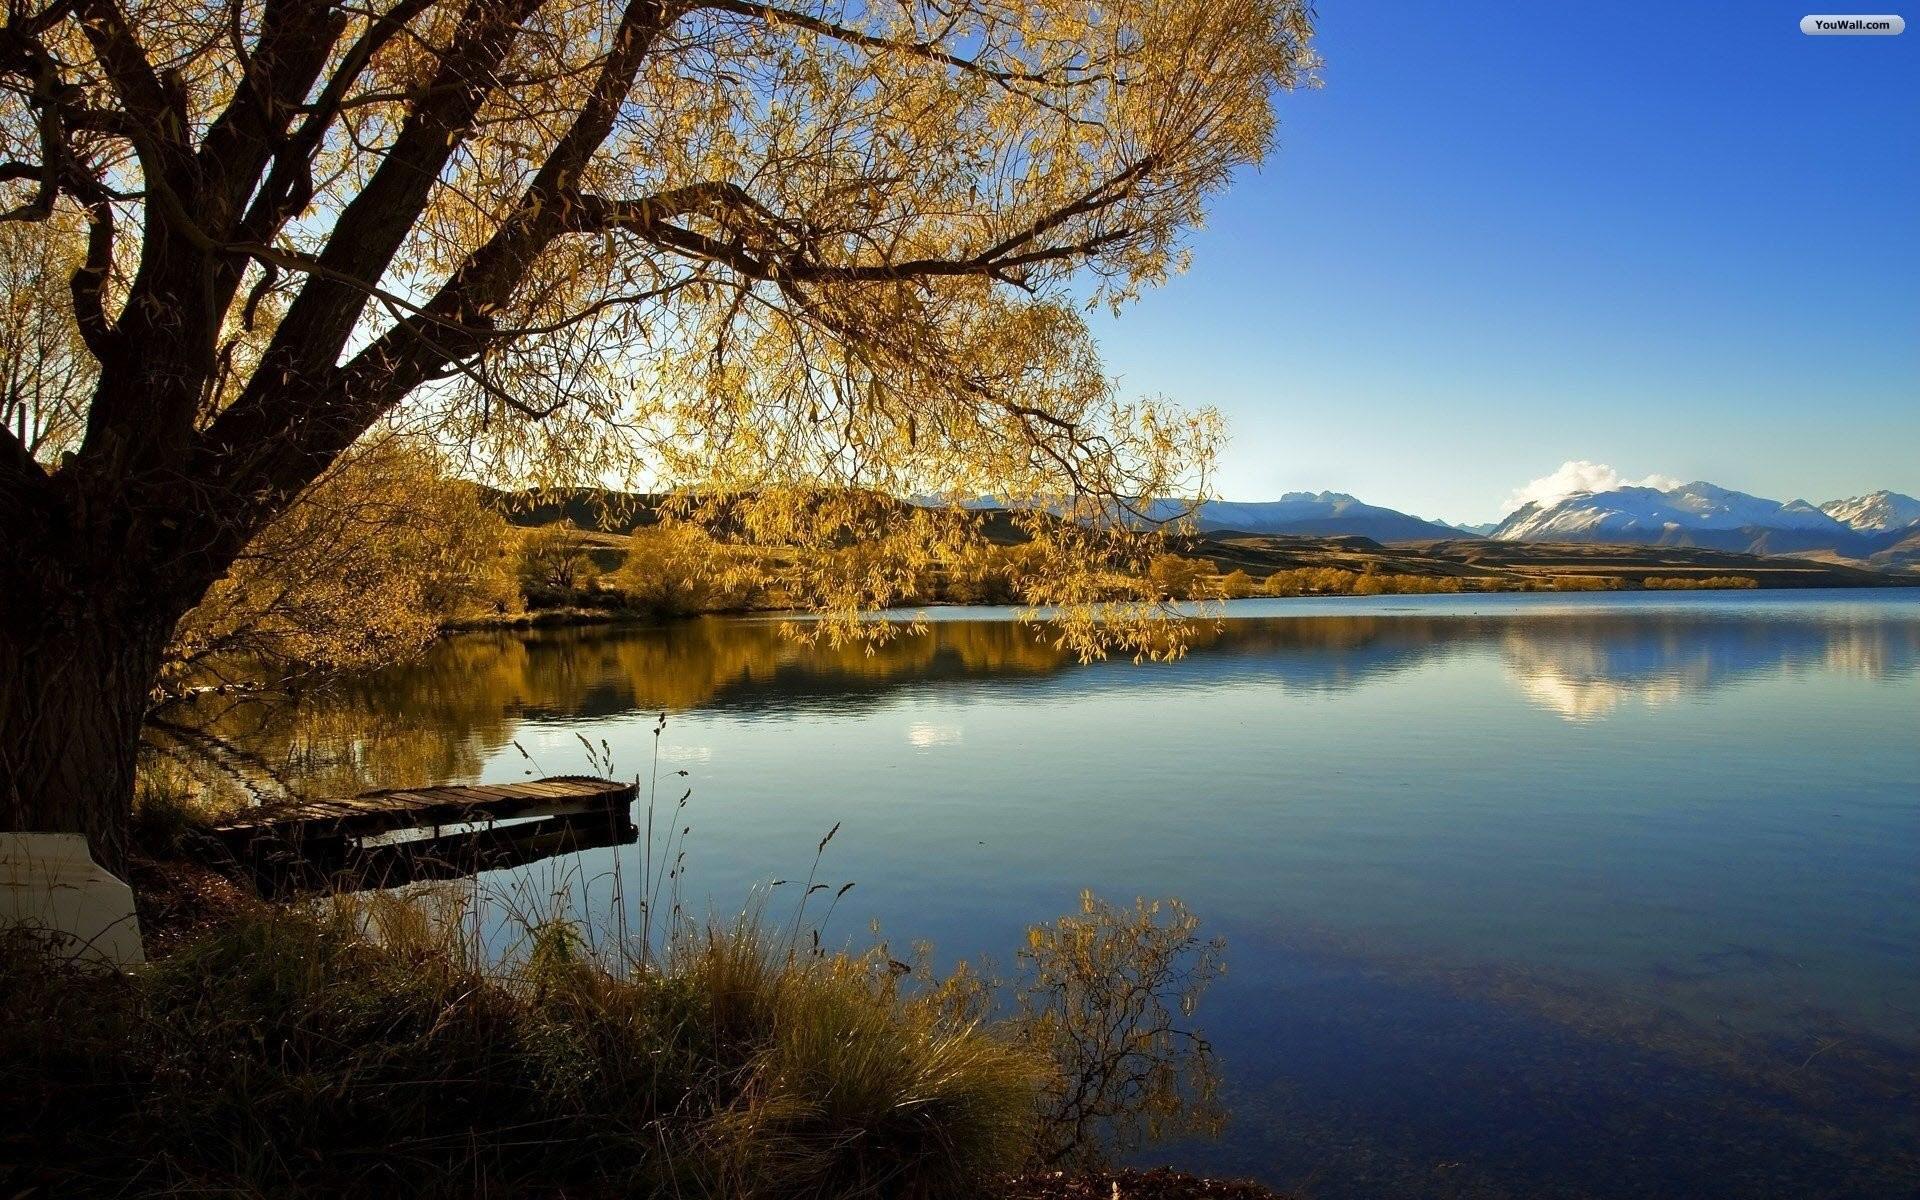 Lake Wallpaper ·① Download Free Stunning Full HD